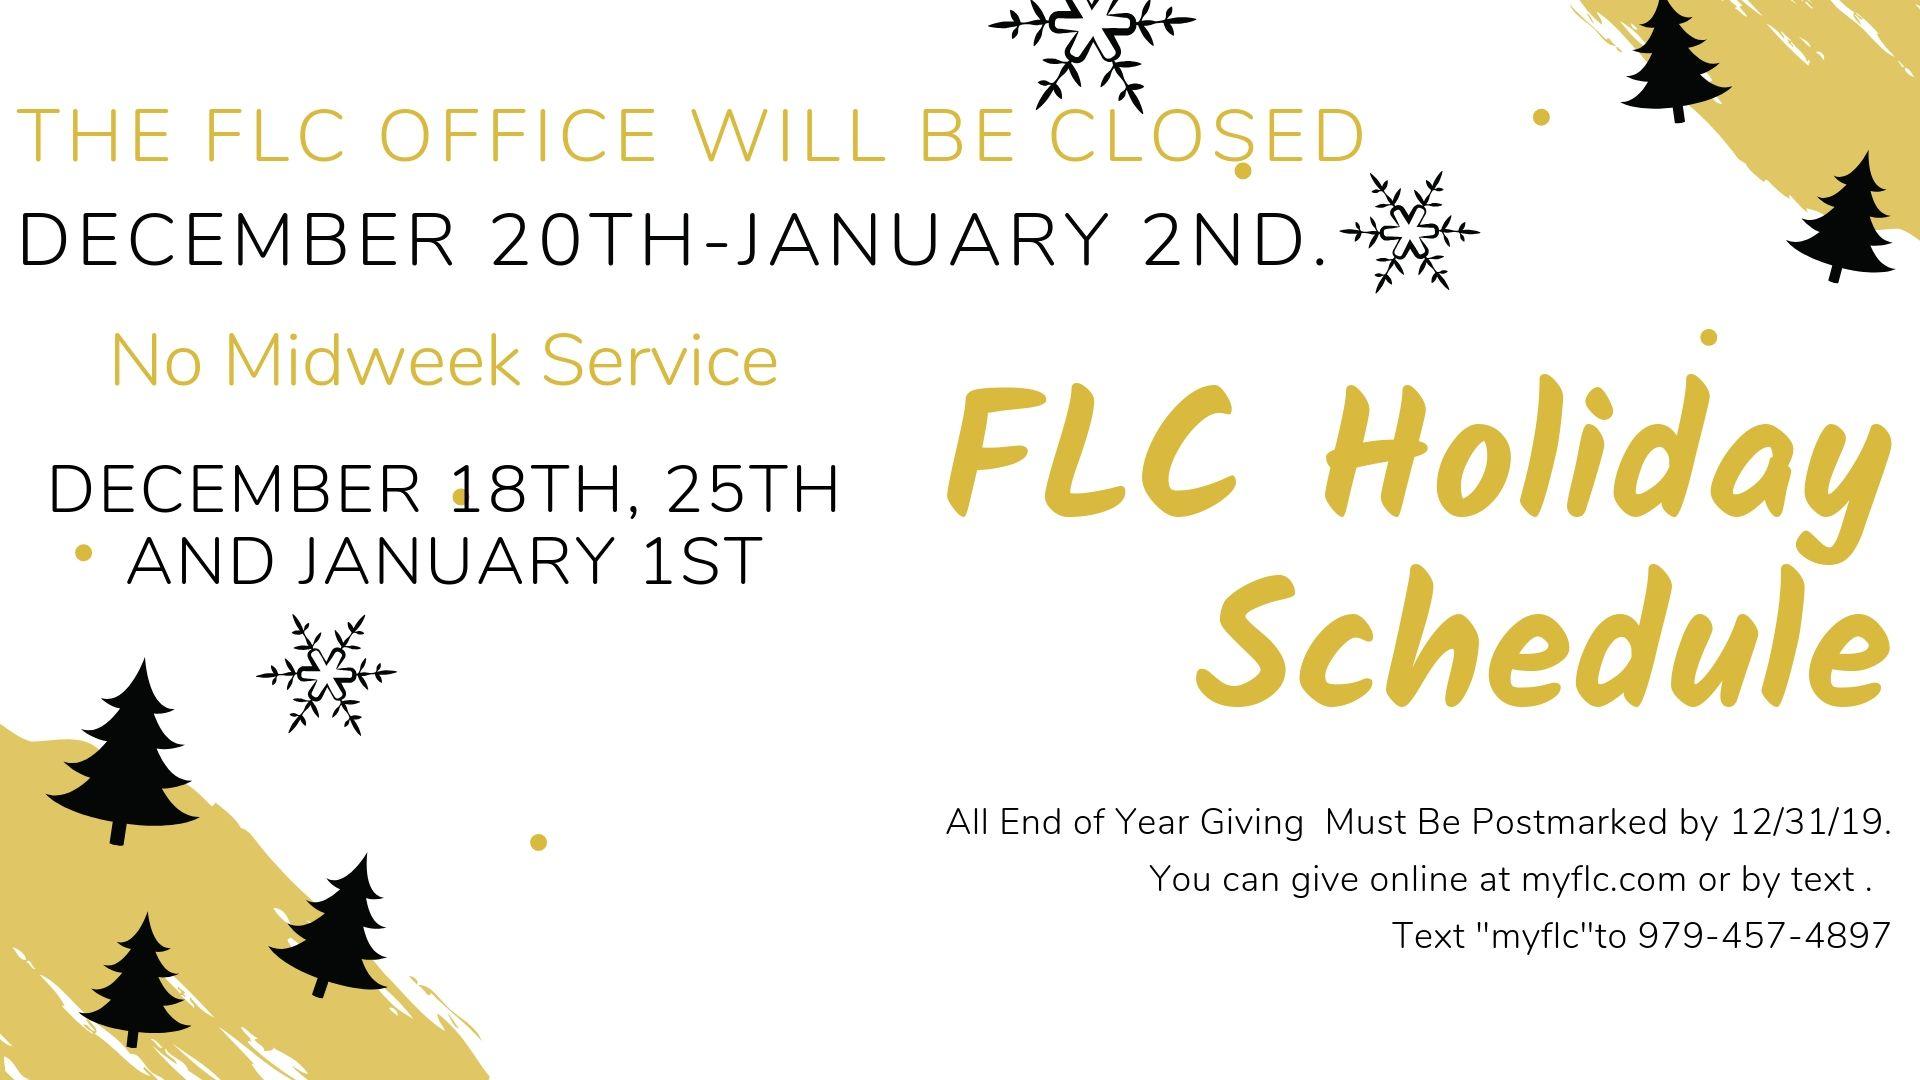 FLC Holiday Schedule.jpg